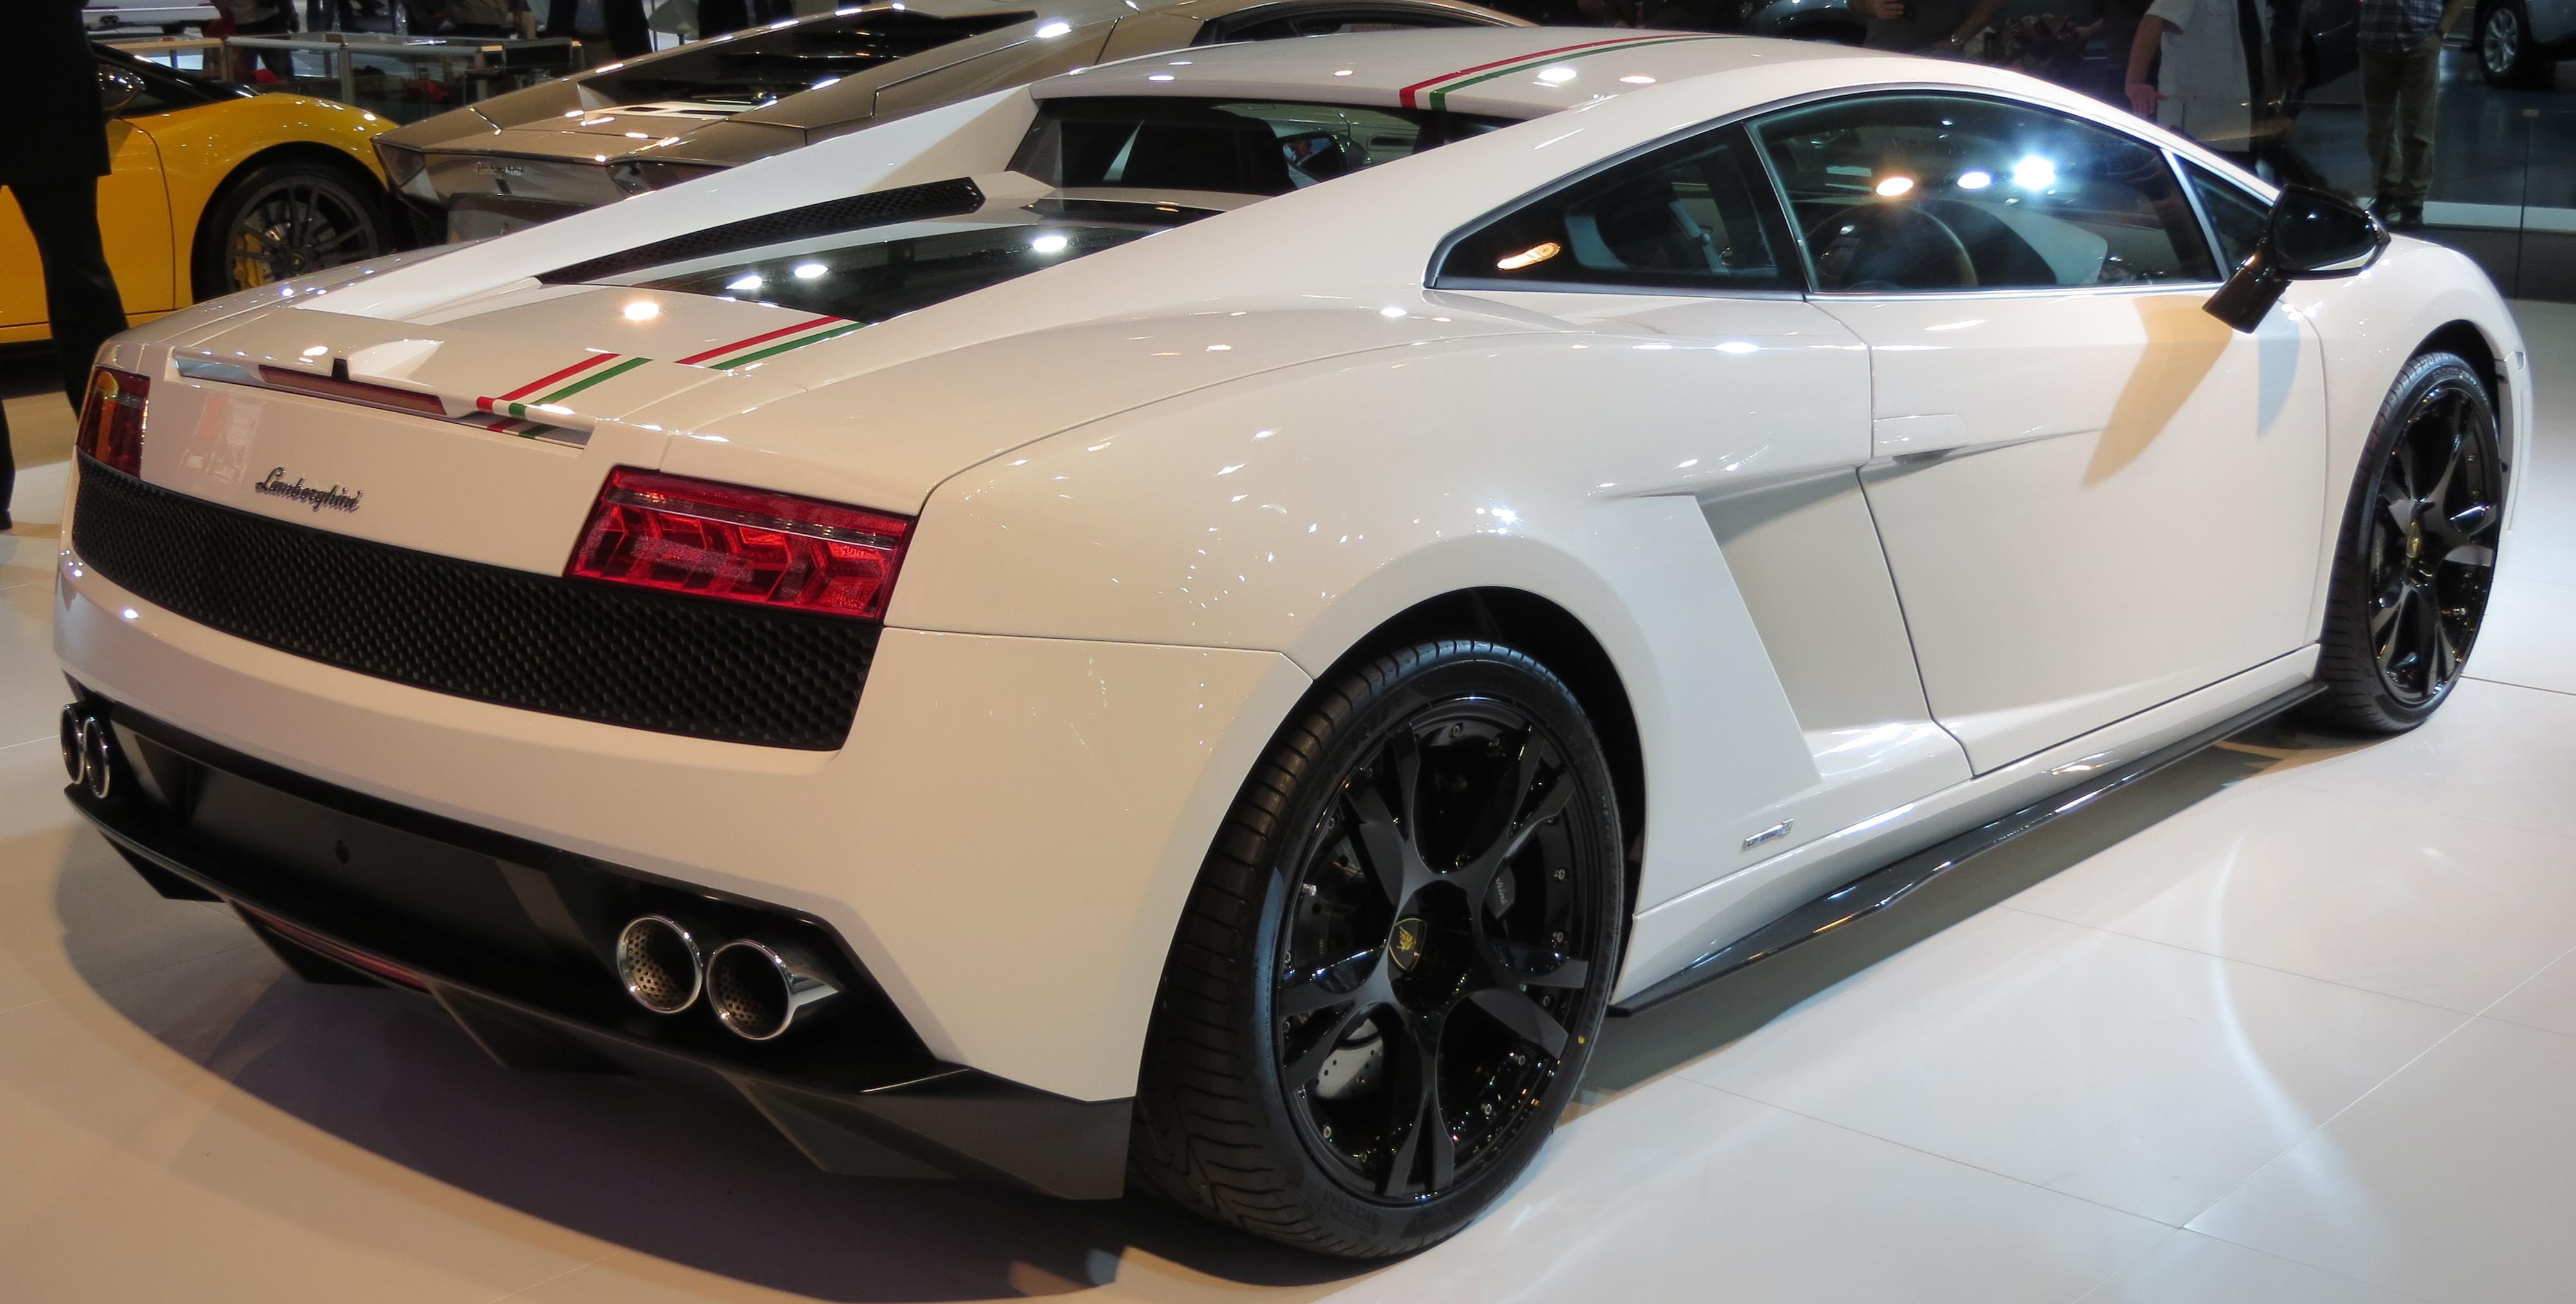 File 2012 Lamborghini Gallardo L140 Lp 550 2 Tricolore Coupe 2012